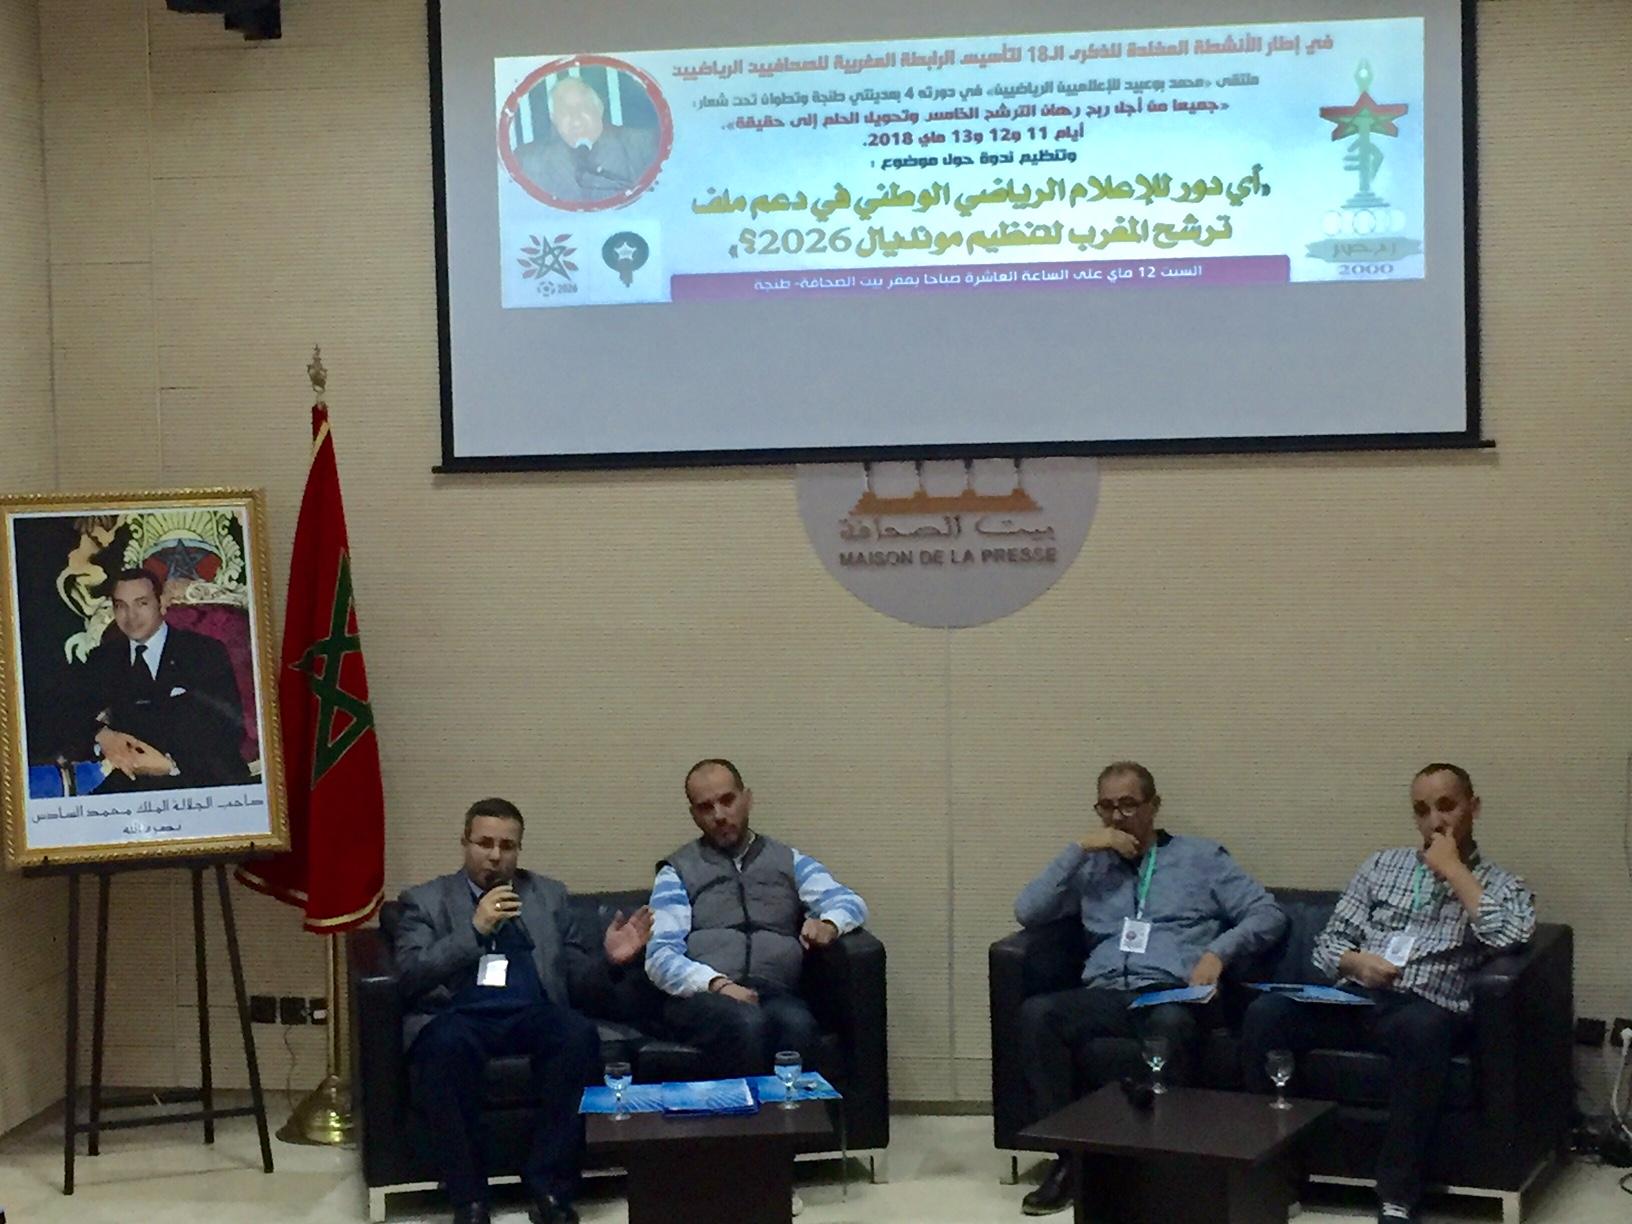 Photo of أي دور للإعلام الرياضي الوطني في دعم ملف ترشح المغرب لتنظيم مونديال 2026